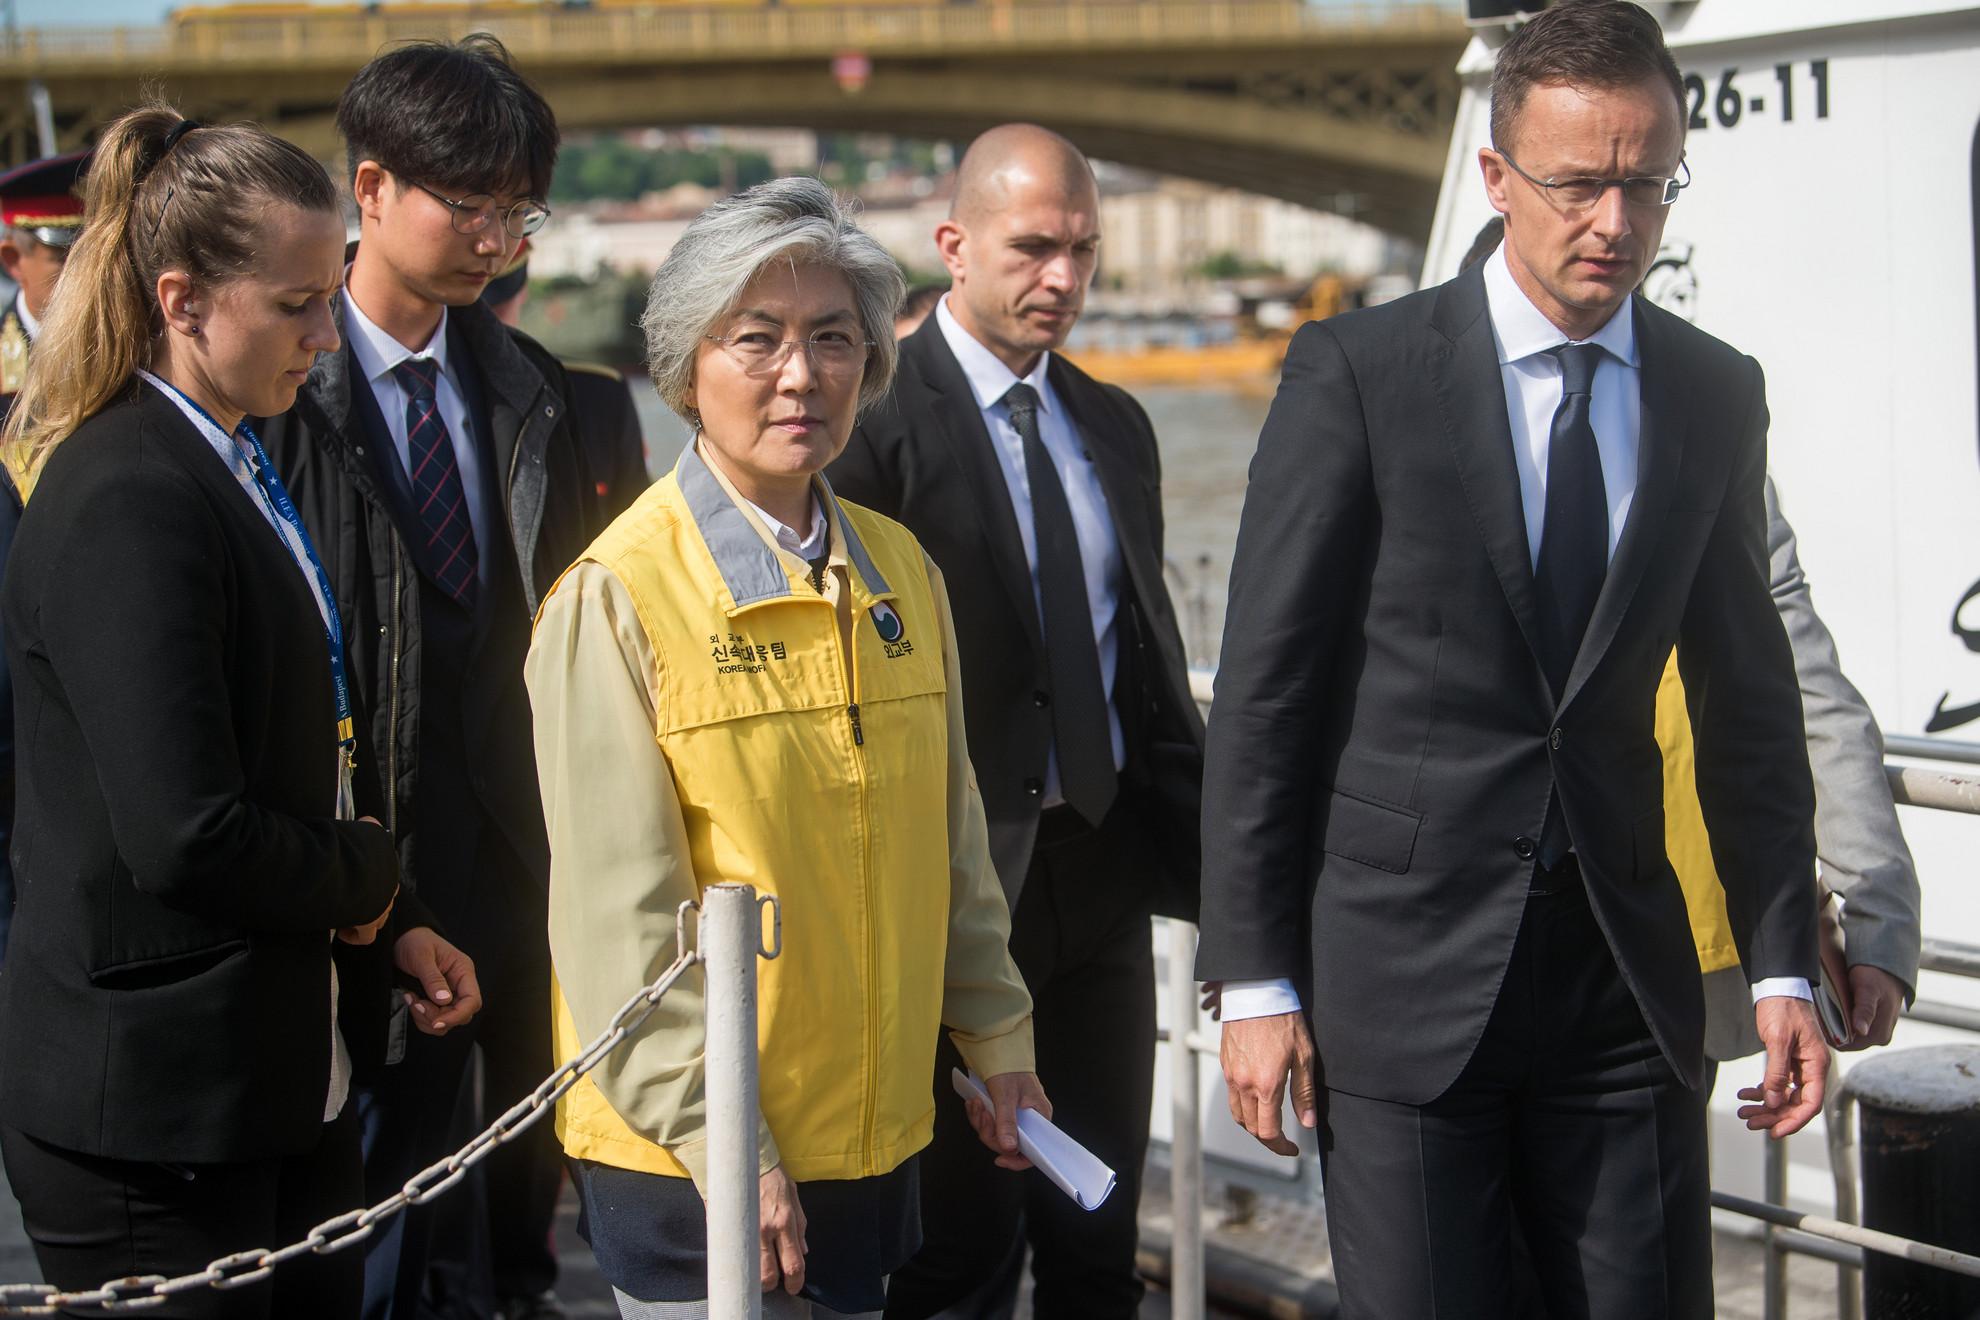 Kang Kjung Vha dél-koreai külügyminiszter (j3) és Szijjártó Péter külgazdasági és külügyminiszter (j) megtekinti a hajóbalesetben elsüllyedt Hableány turistahajó mentési munkálatait a Margit hídnál